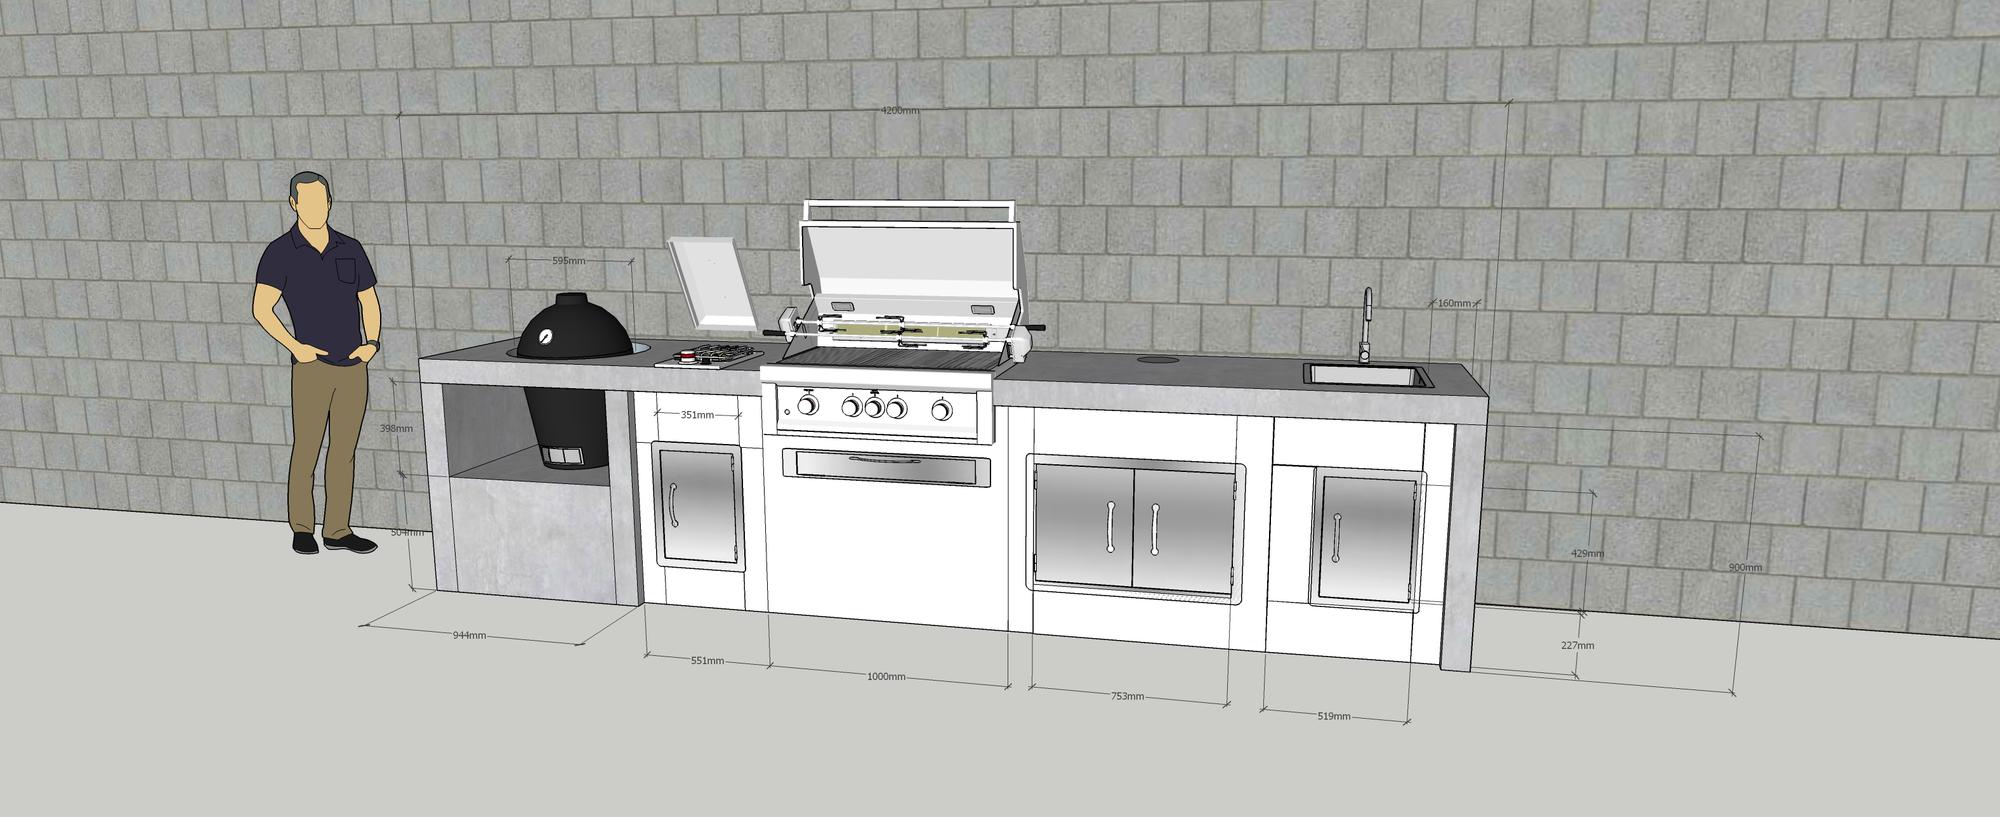 outdoor k chenzeile in betonoptik mit zwei gasgrills und kleiner sp le ideen gesucht. Black Bedroom Furniture Sets. Home Design Ideas